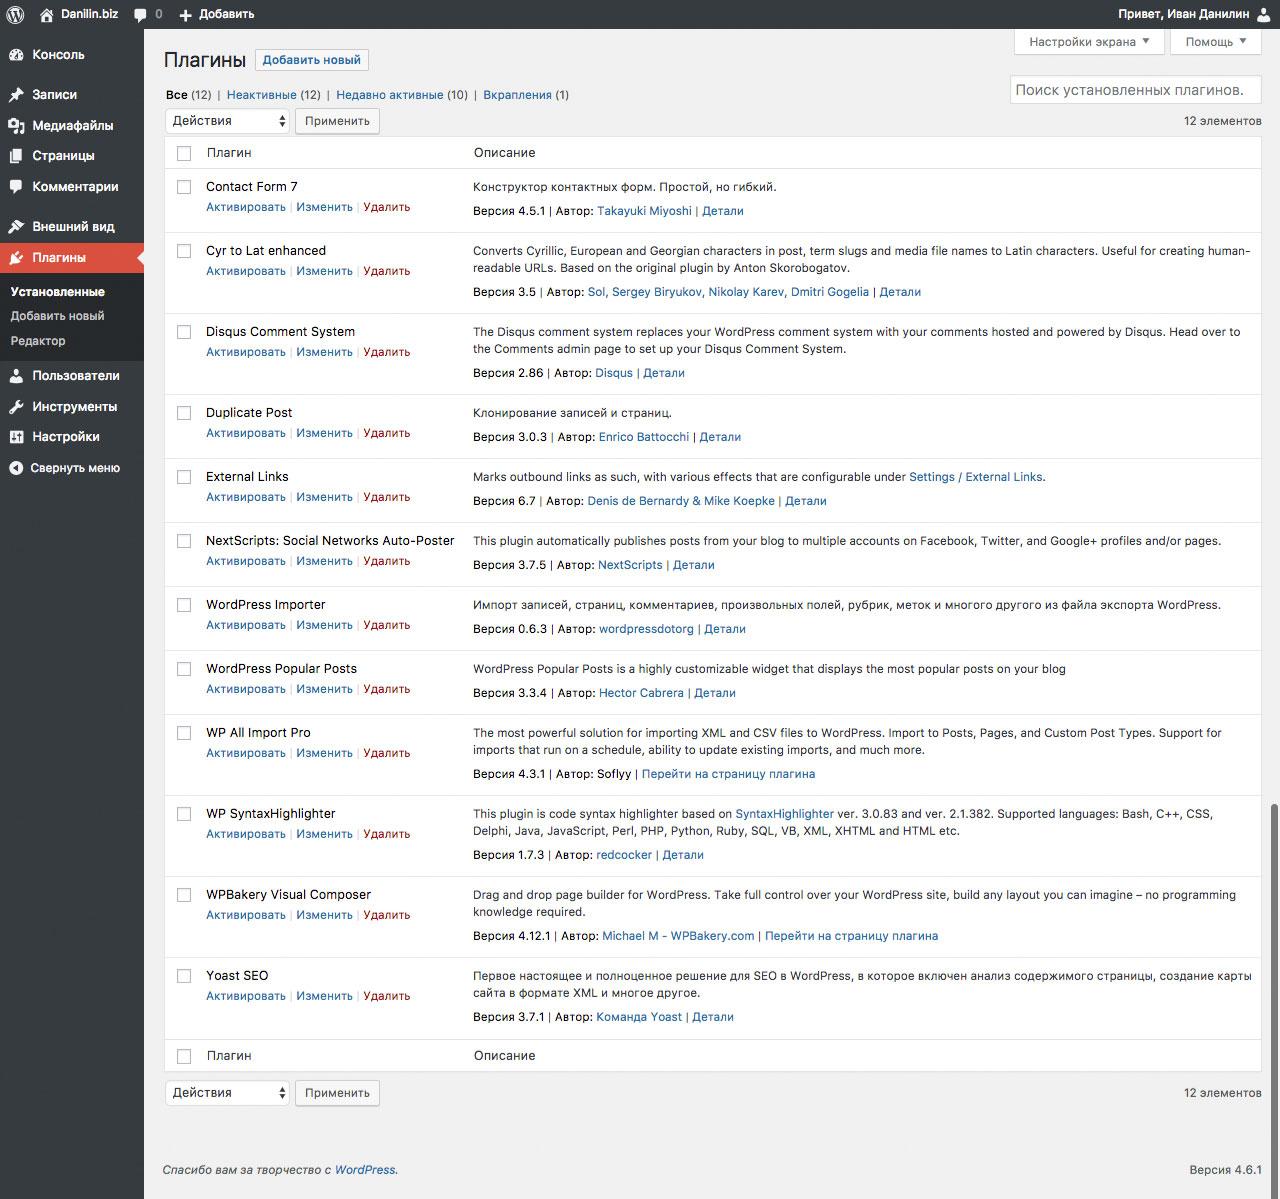 WordPress: Плагины